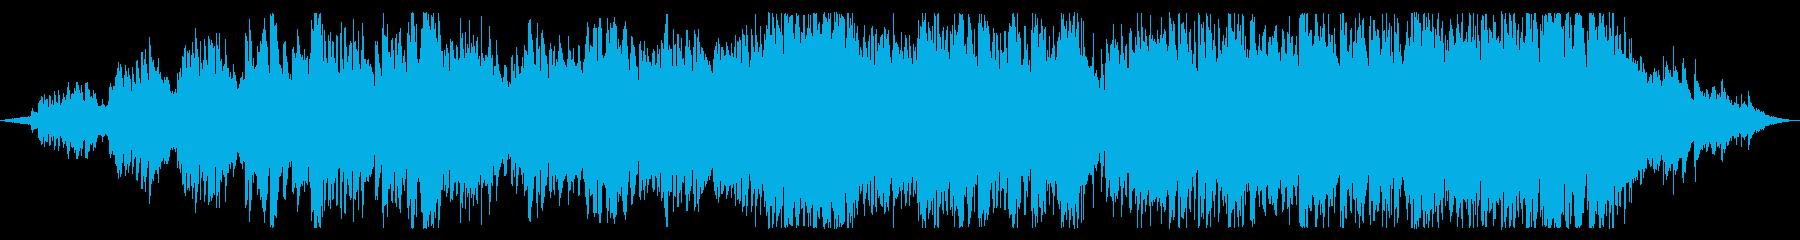 幻想的でエスニックな雰囲気の怪しいBGMの再生済みの波形